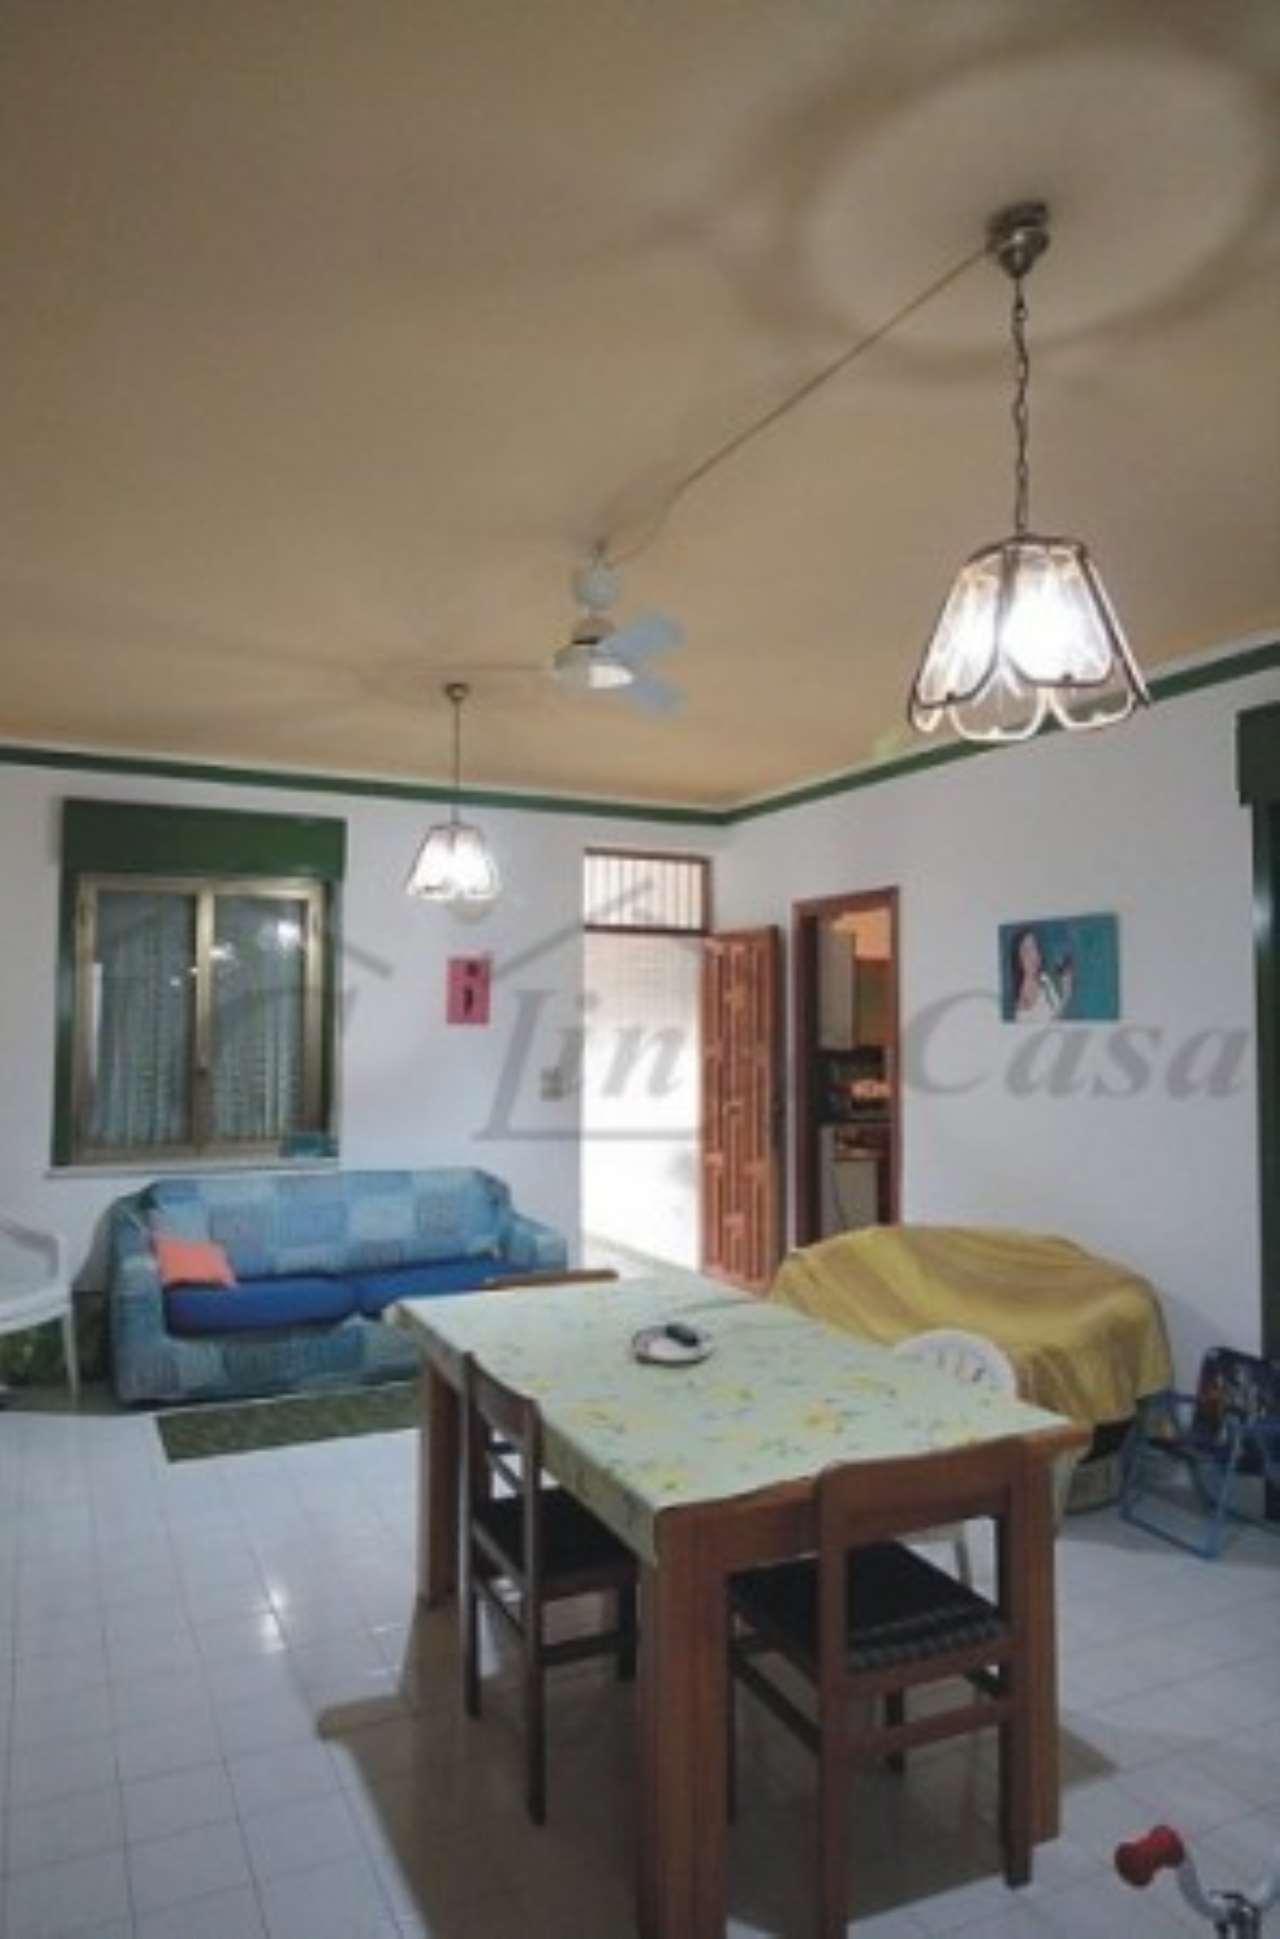 Villa in vendita a Altavilla Milicia, 5 locali, prezzo € 155.000 | CambioCasa.it